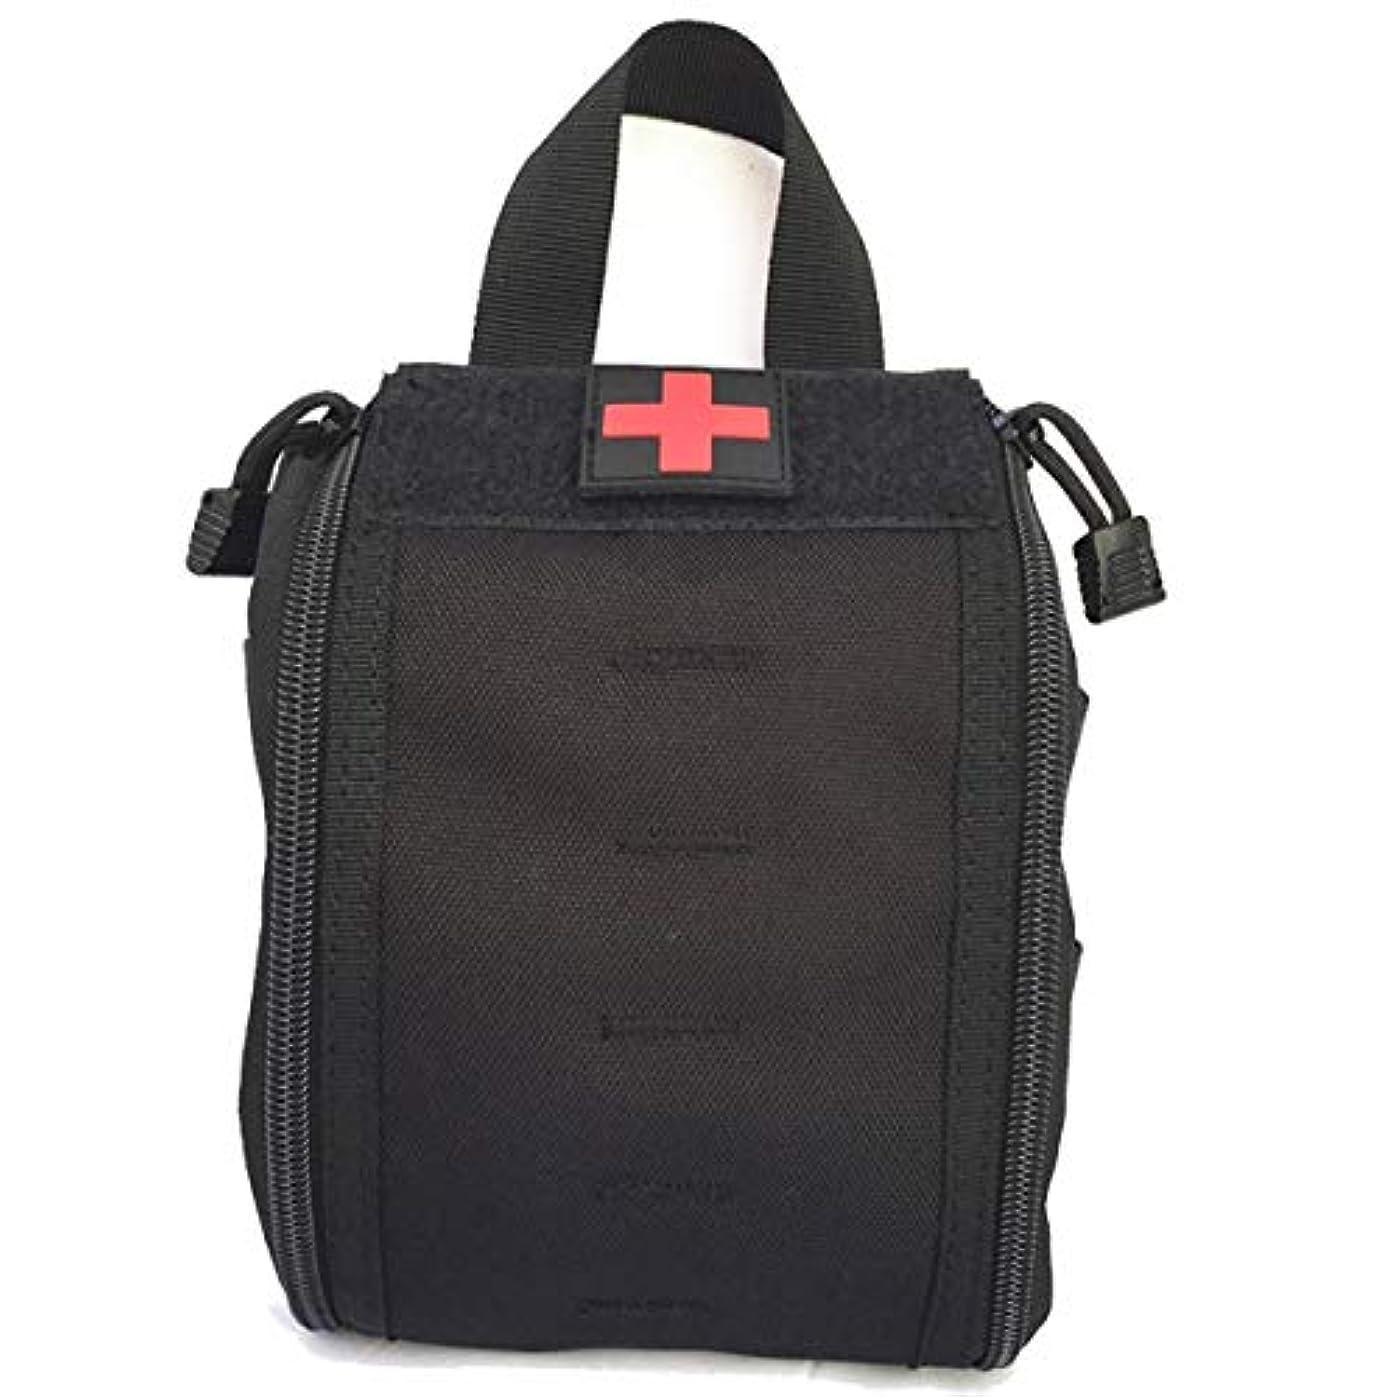 パーティション思われる辞任する医療バッグ車の迷彩ファーストエイドキットモール多機能アウトドアアクセサリーバッグ,黒